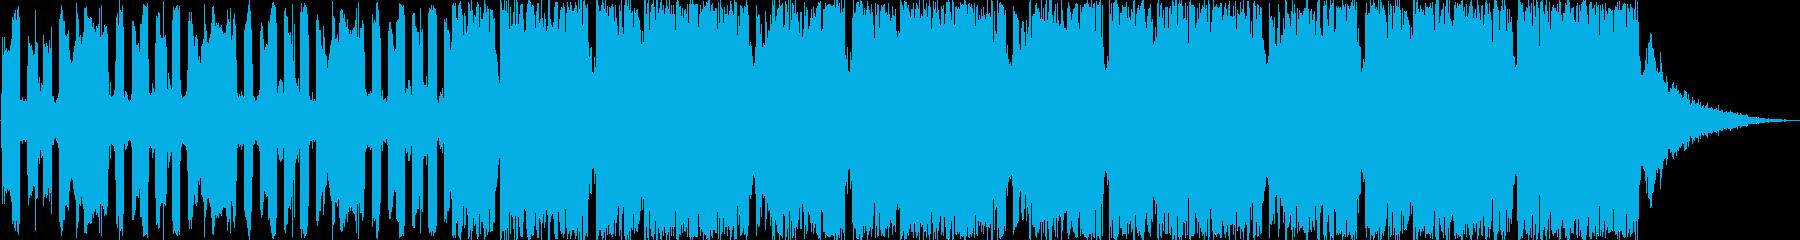 登場、オープニングシーン ディスコ調の再生済みの波形